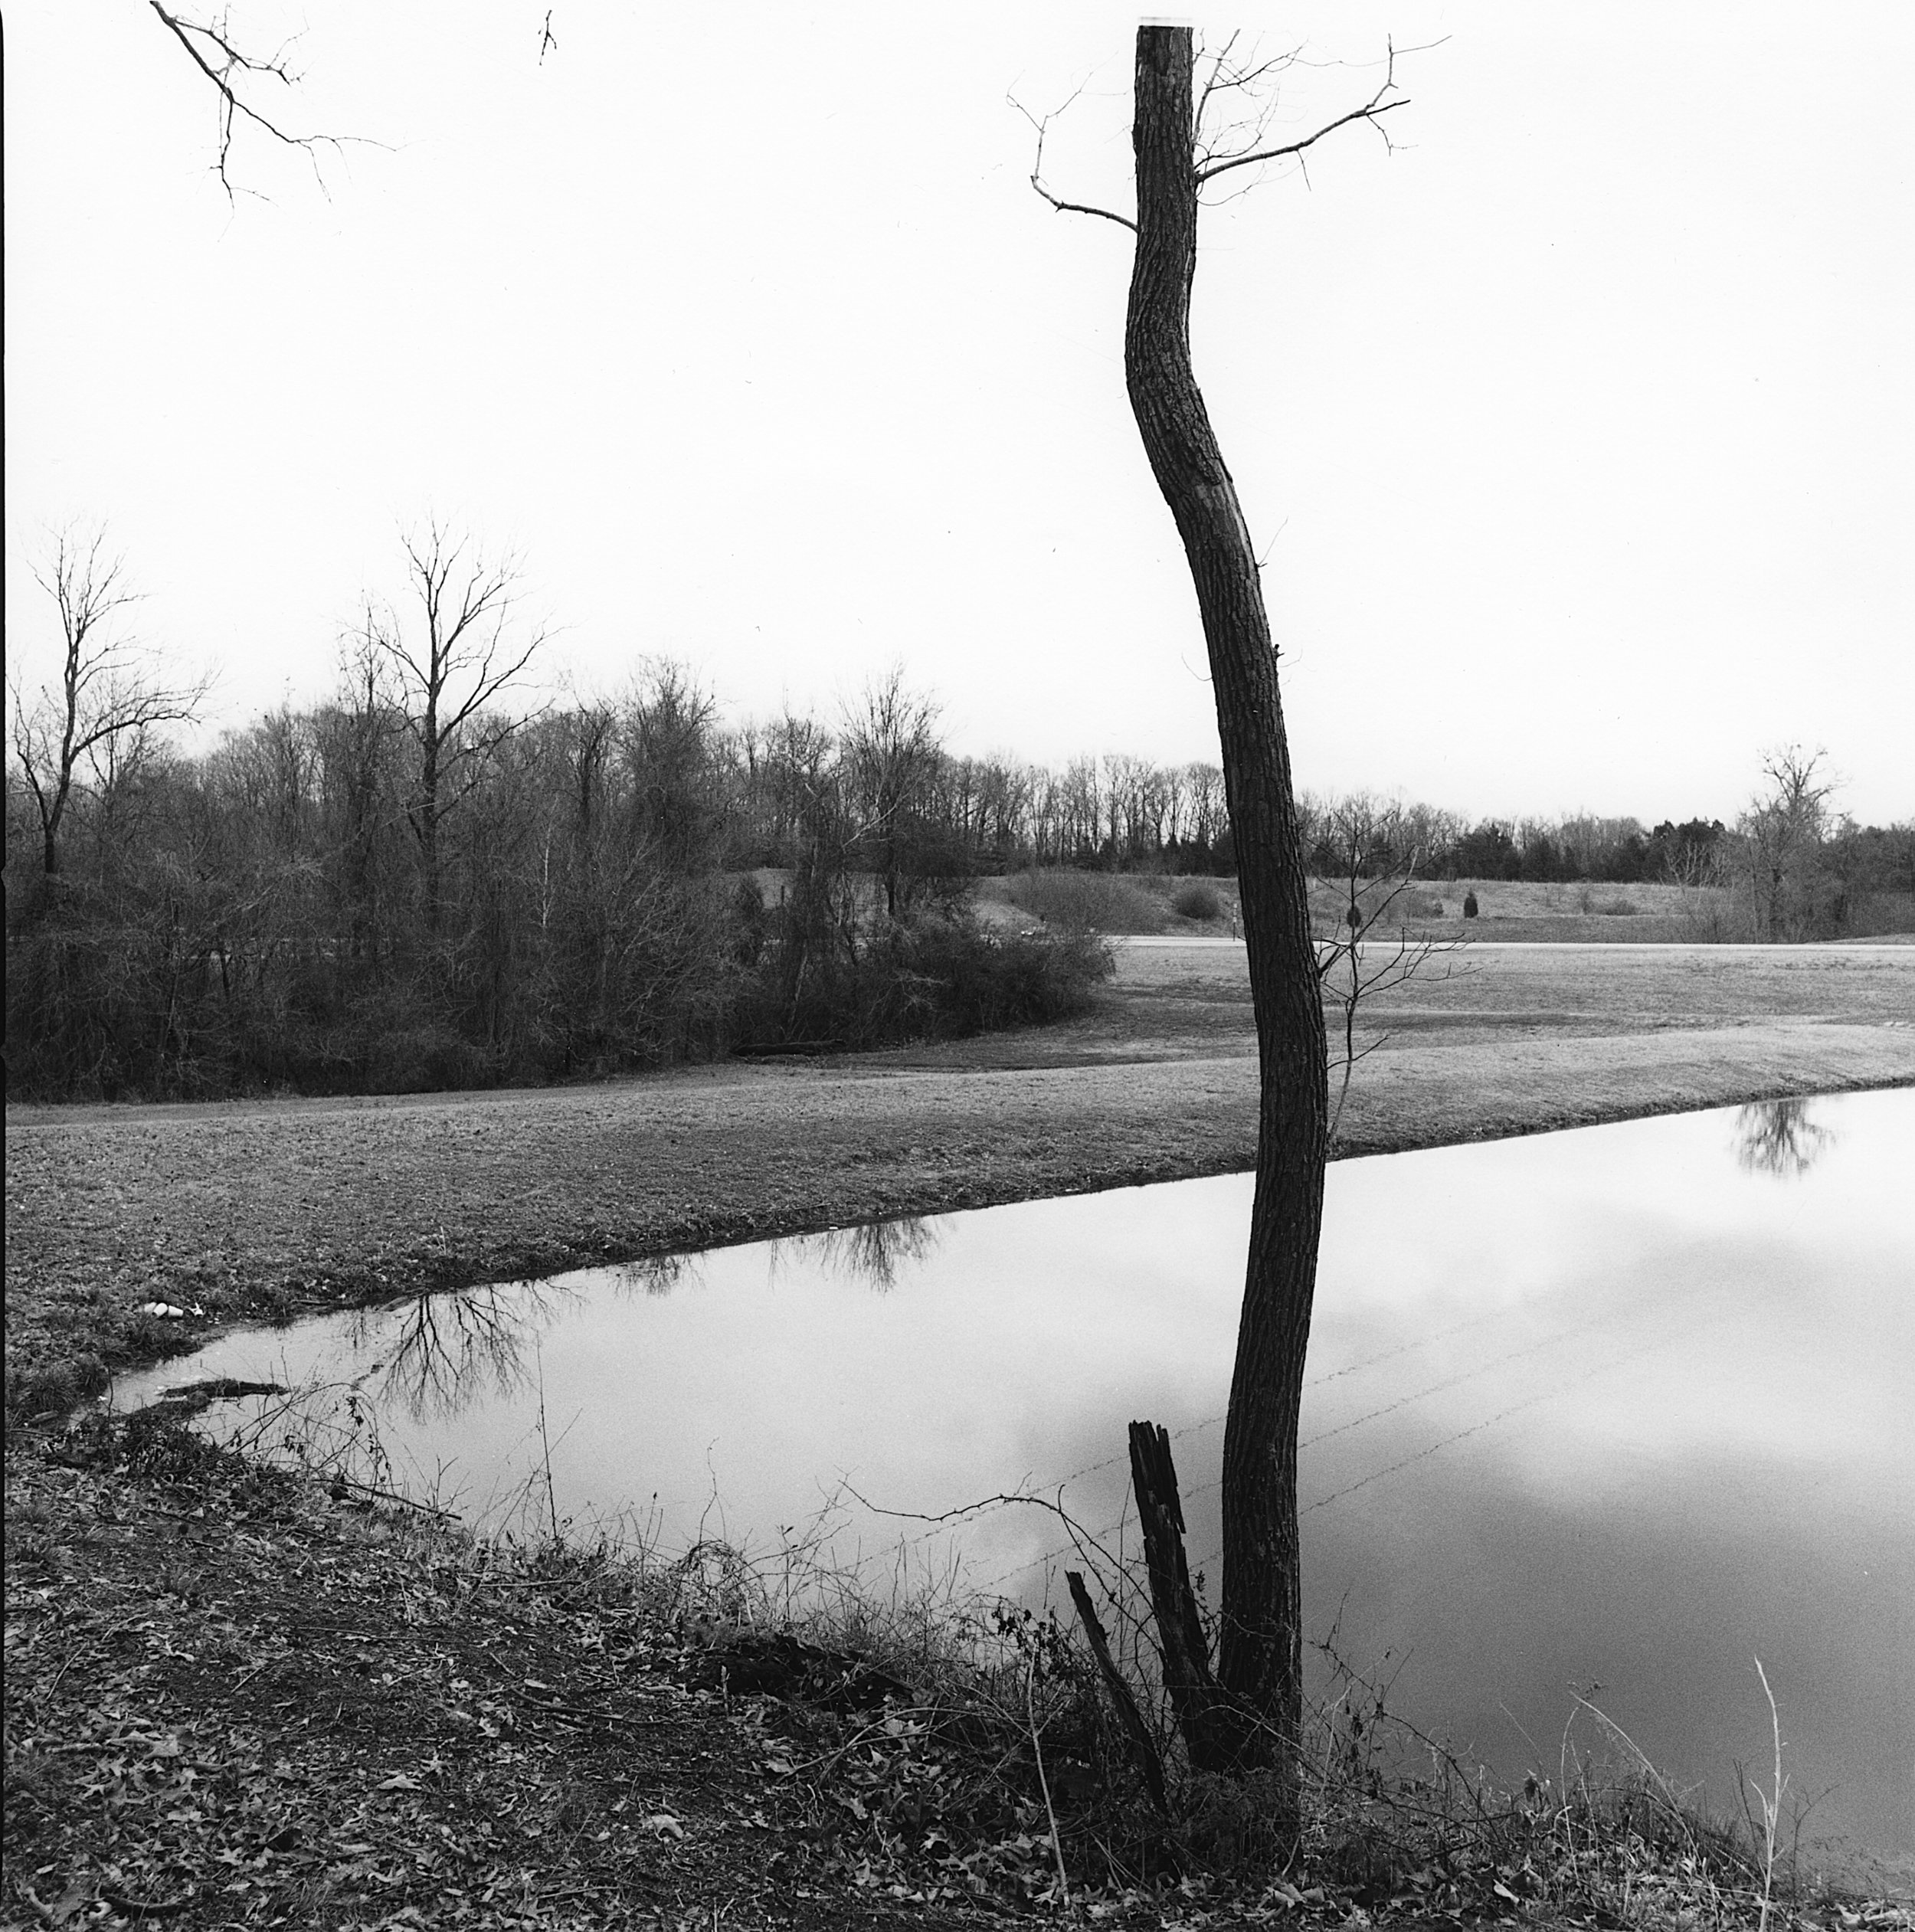 Tupelo Mississippi, 2004